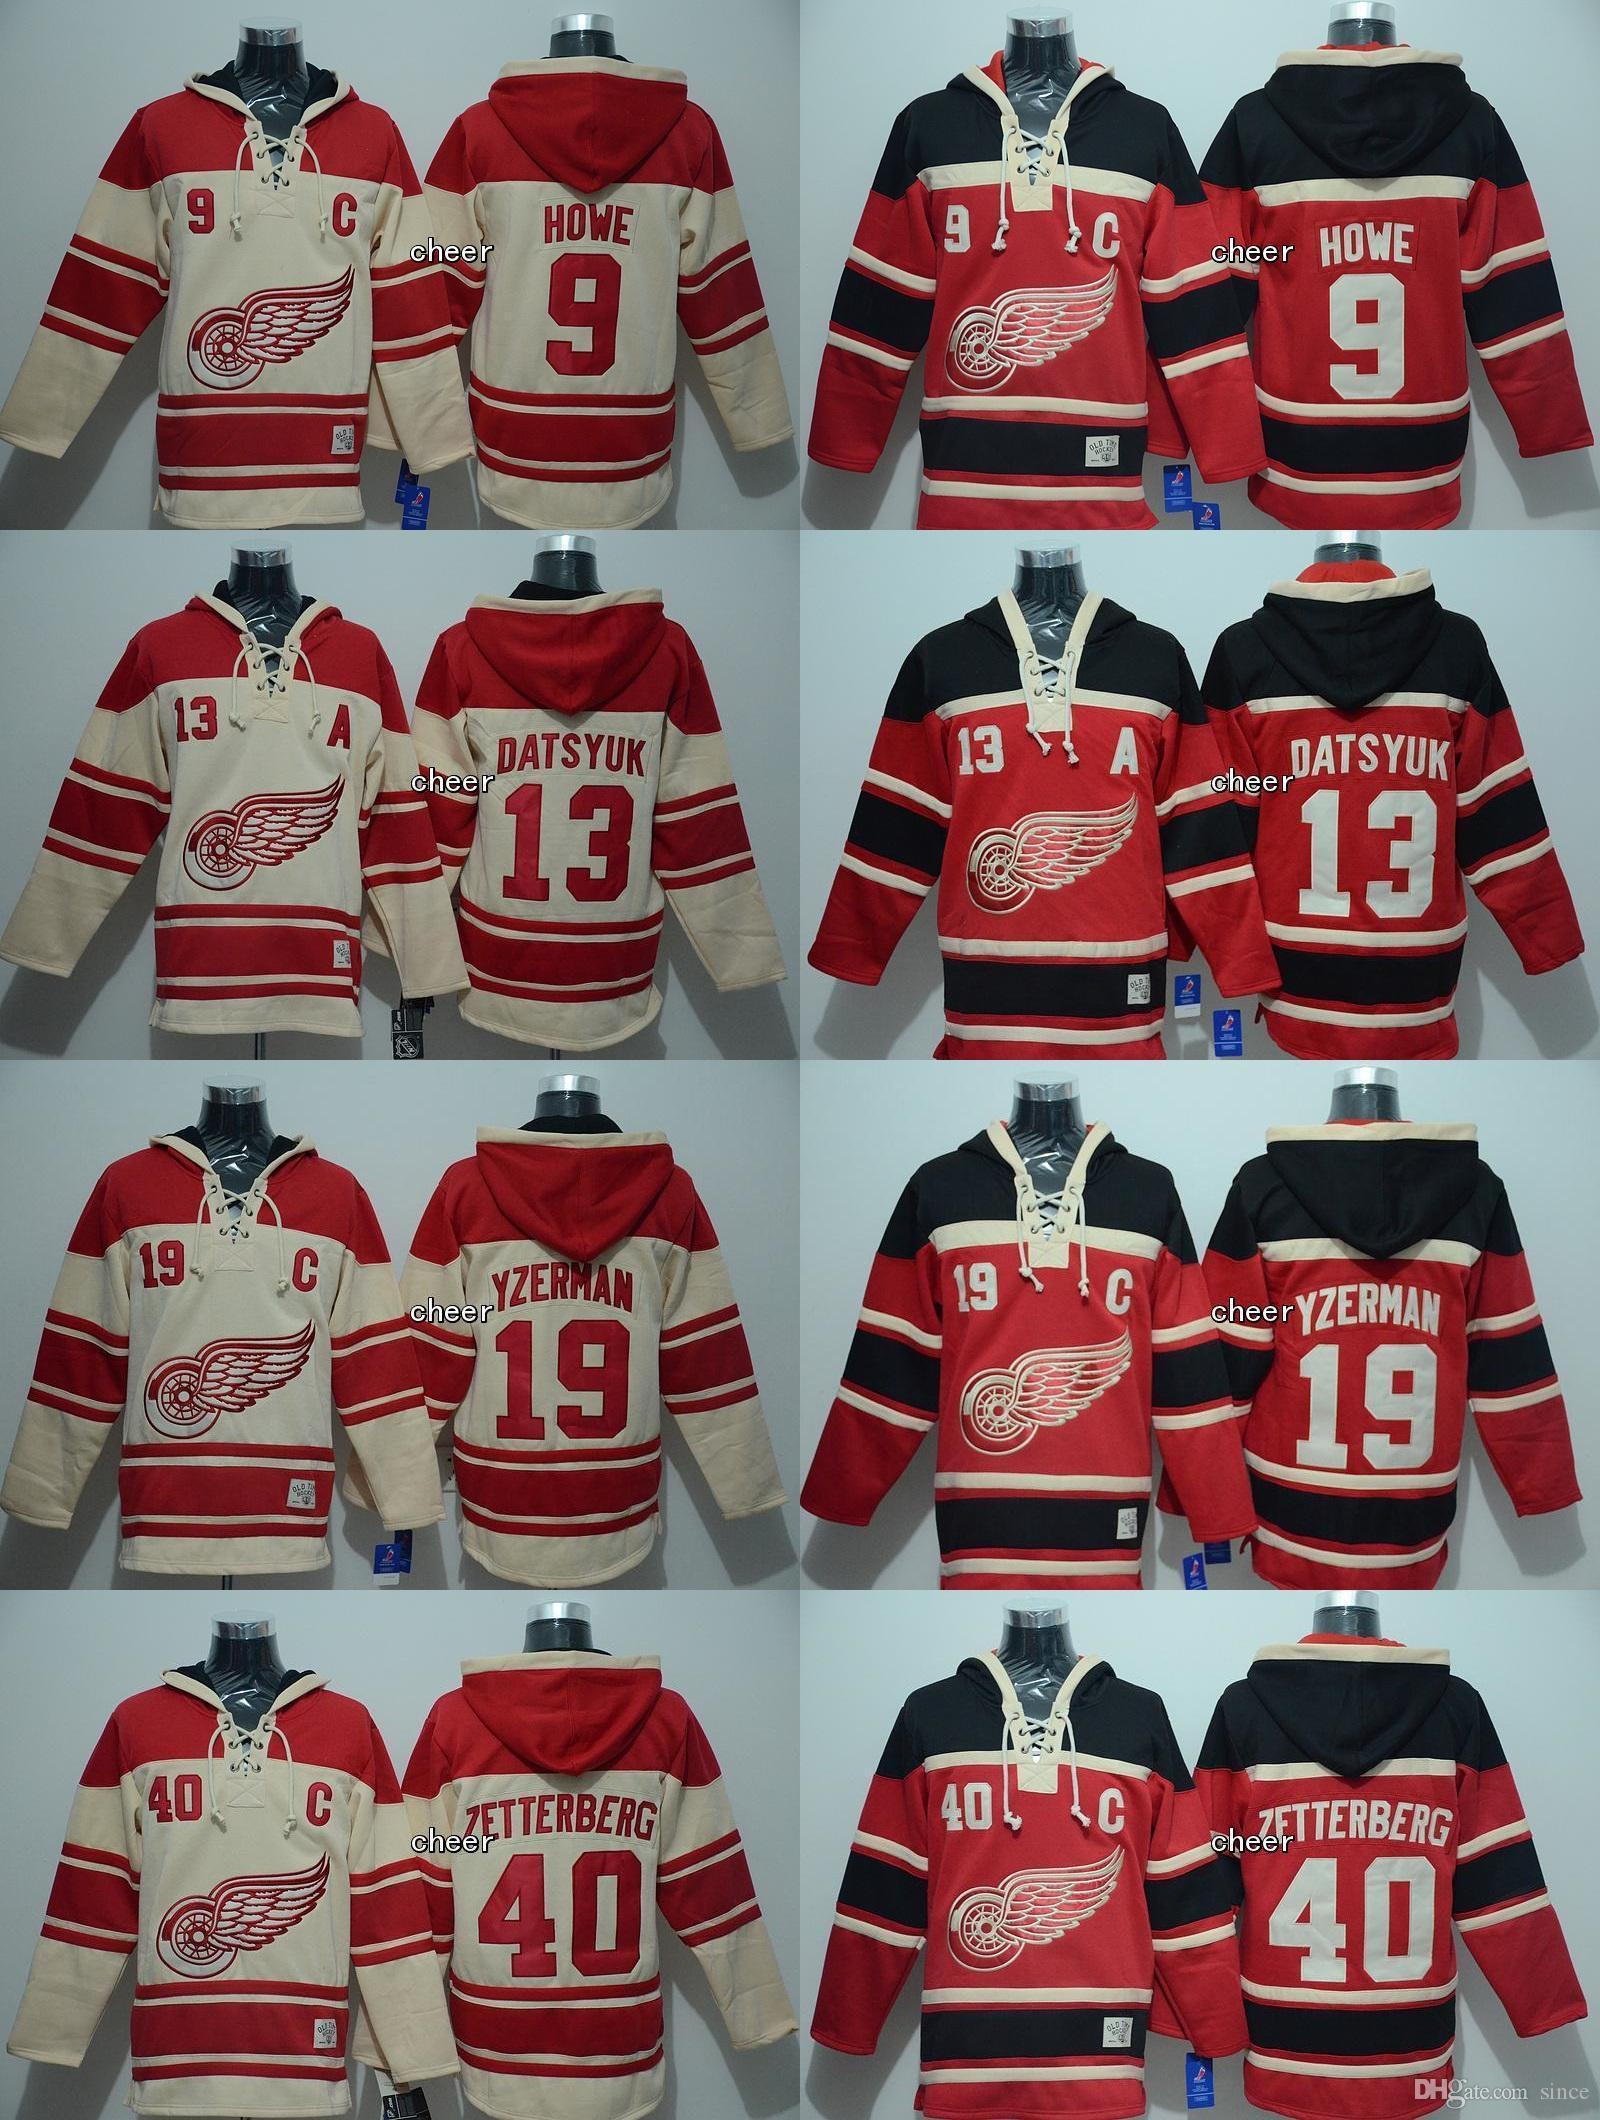 2016 новый бренд-Detroit Red Wings 9 howe 13 Дацюк 19 yzerman 40 zetterberg красный бежевый толстовки Джерси высокое качество хоккейные трикотажные изделия